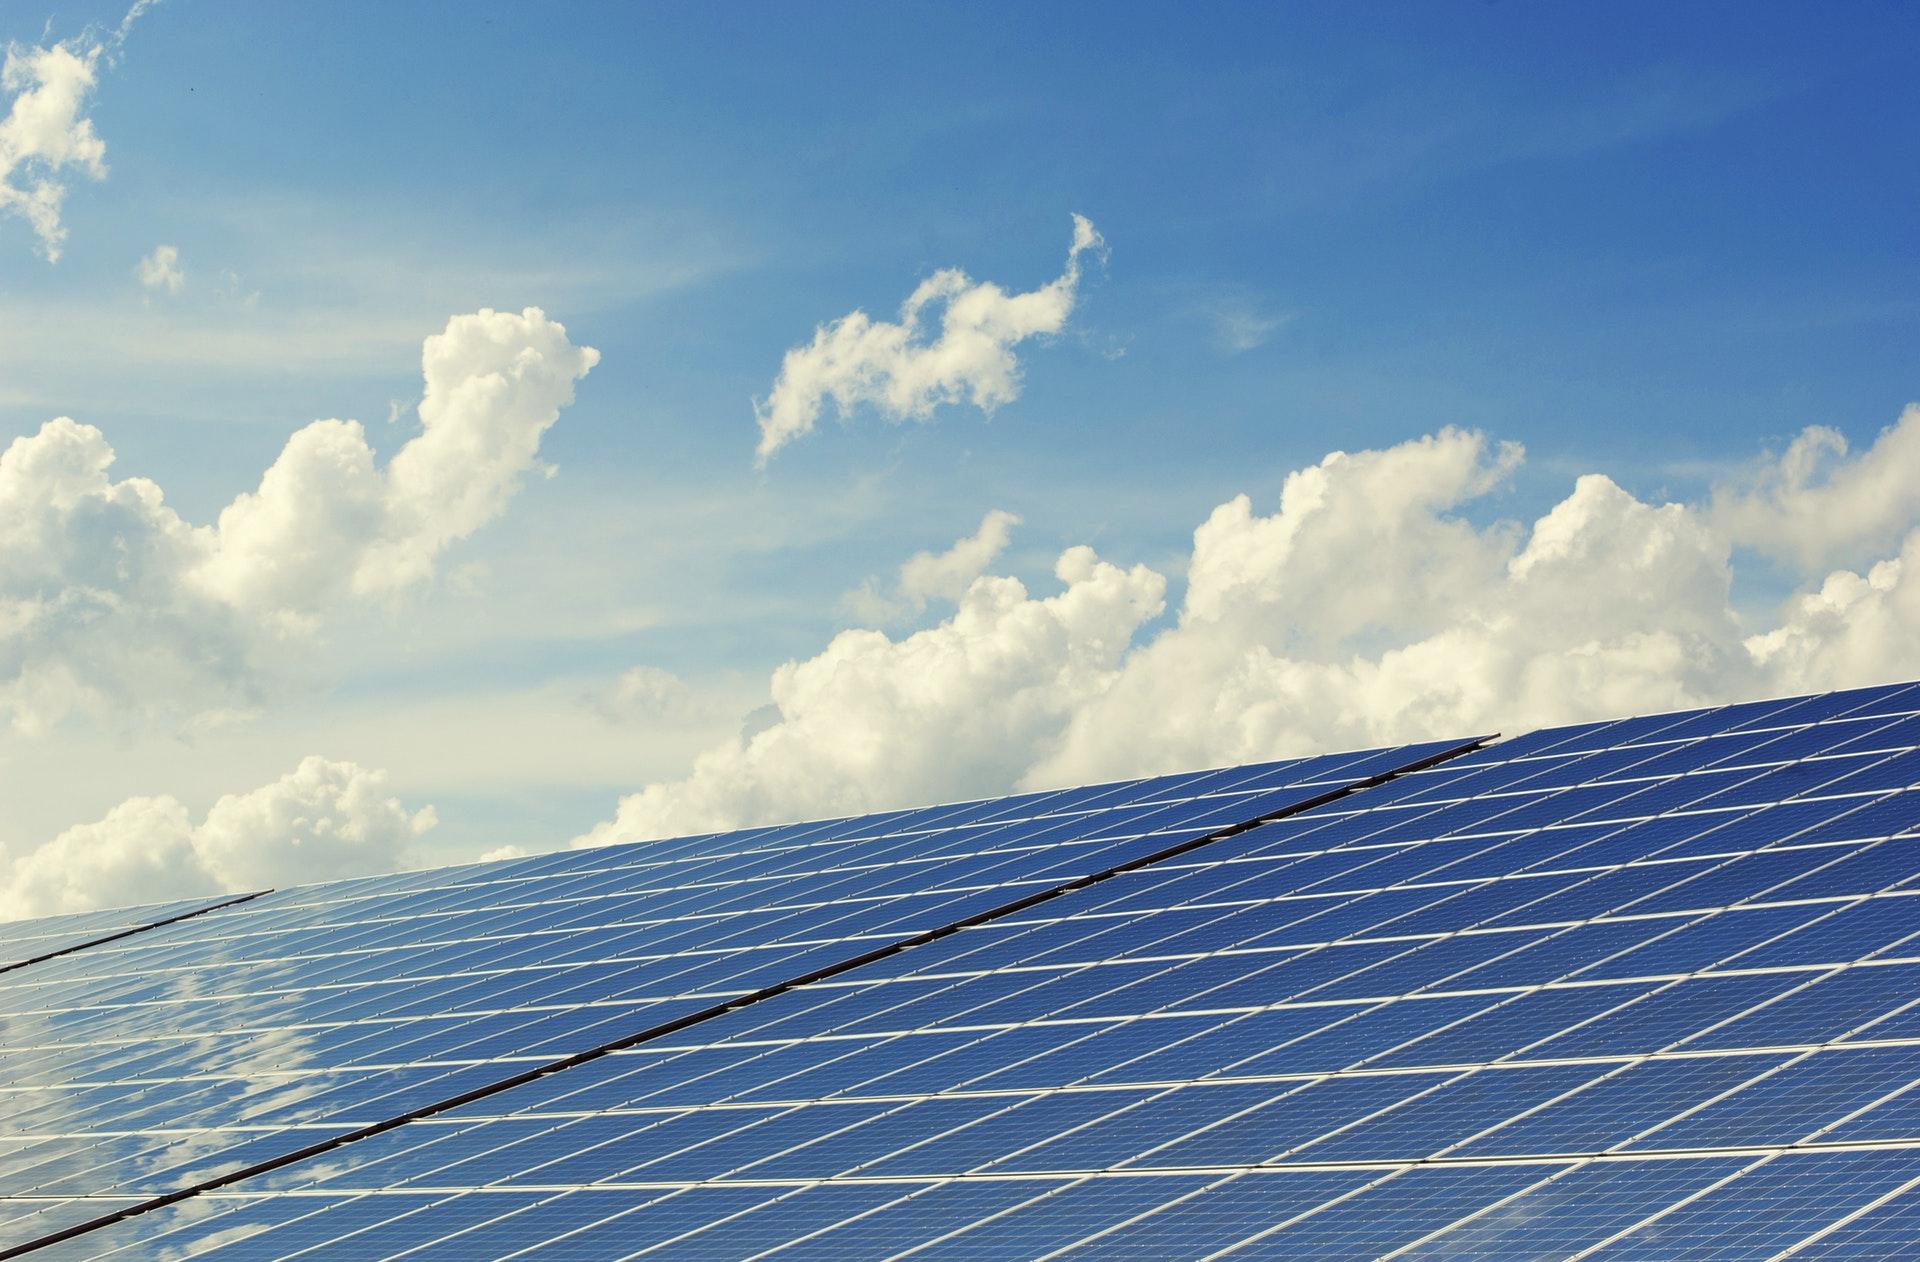 投资10亿美元、690MW!特朗普政府批准美国最大的太阳能发电厂